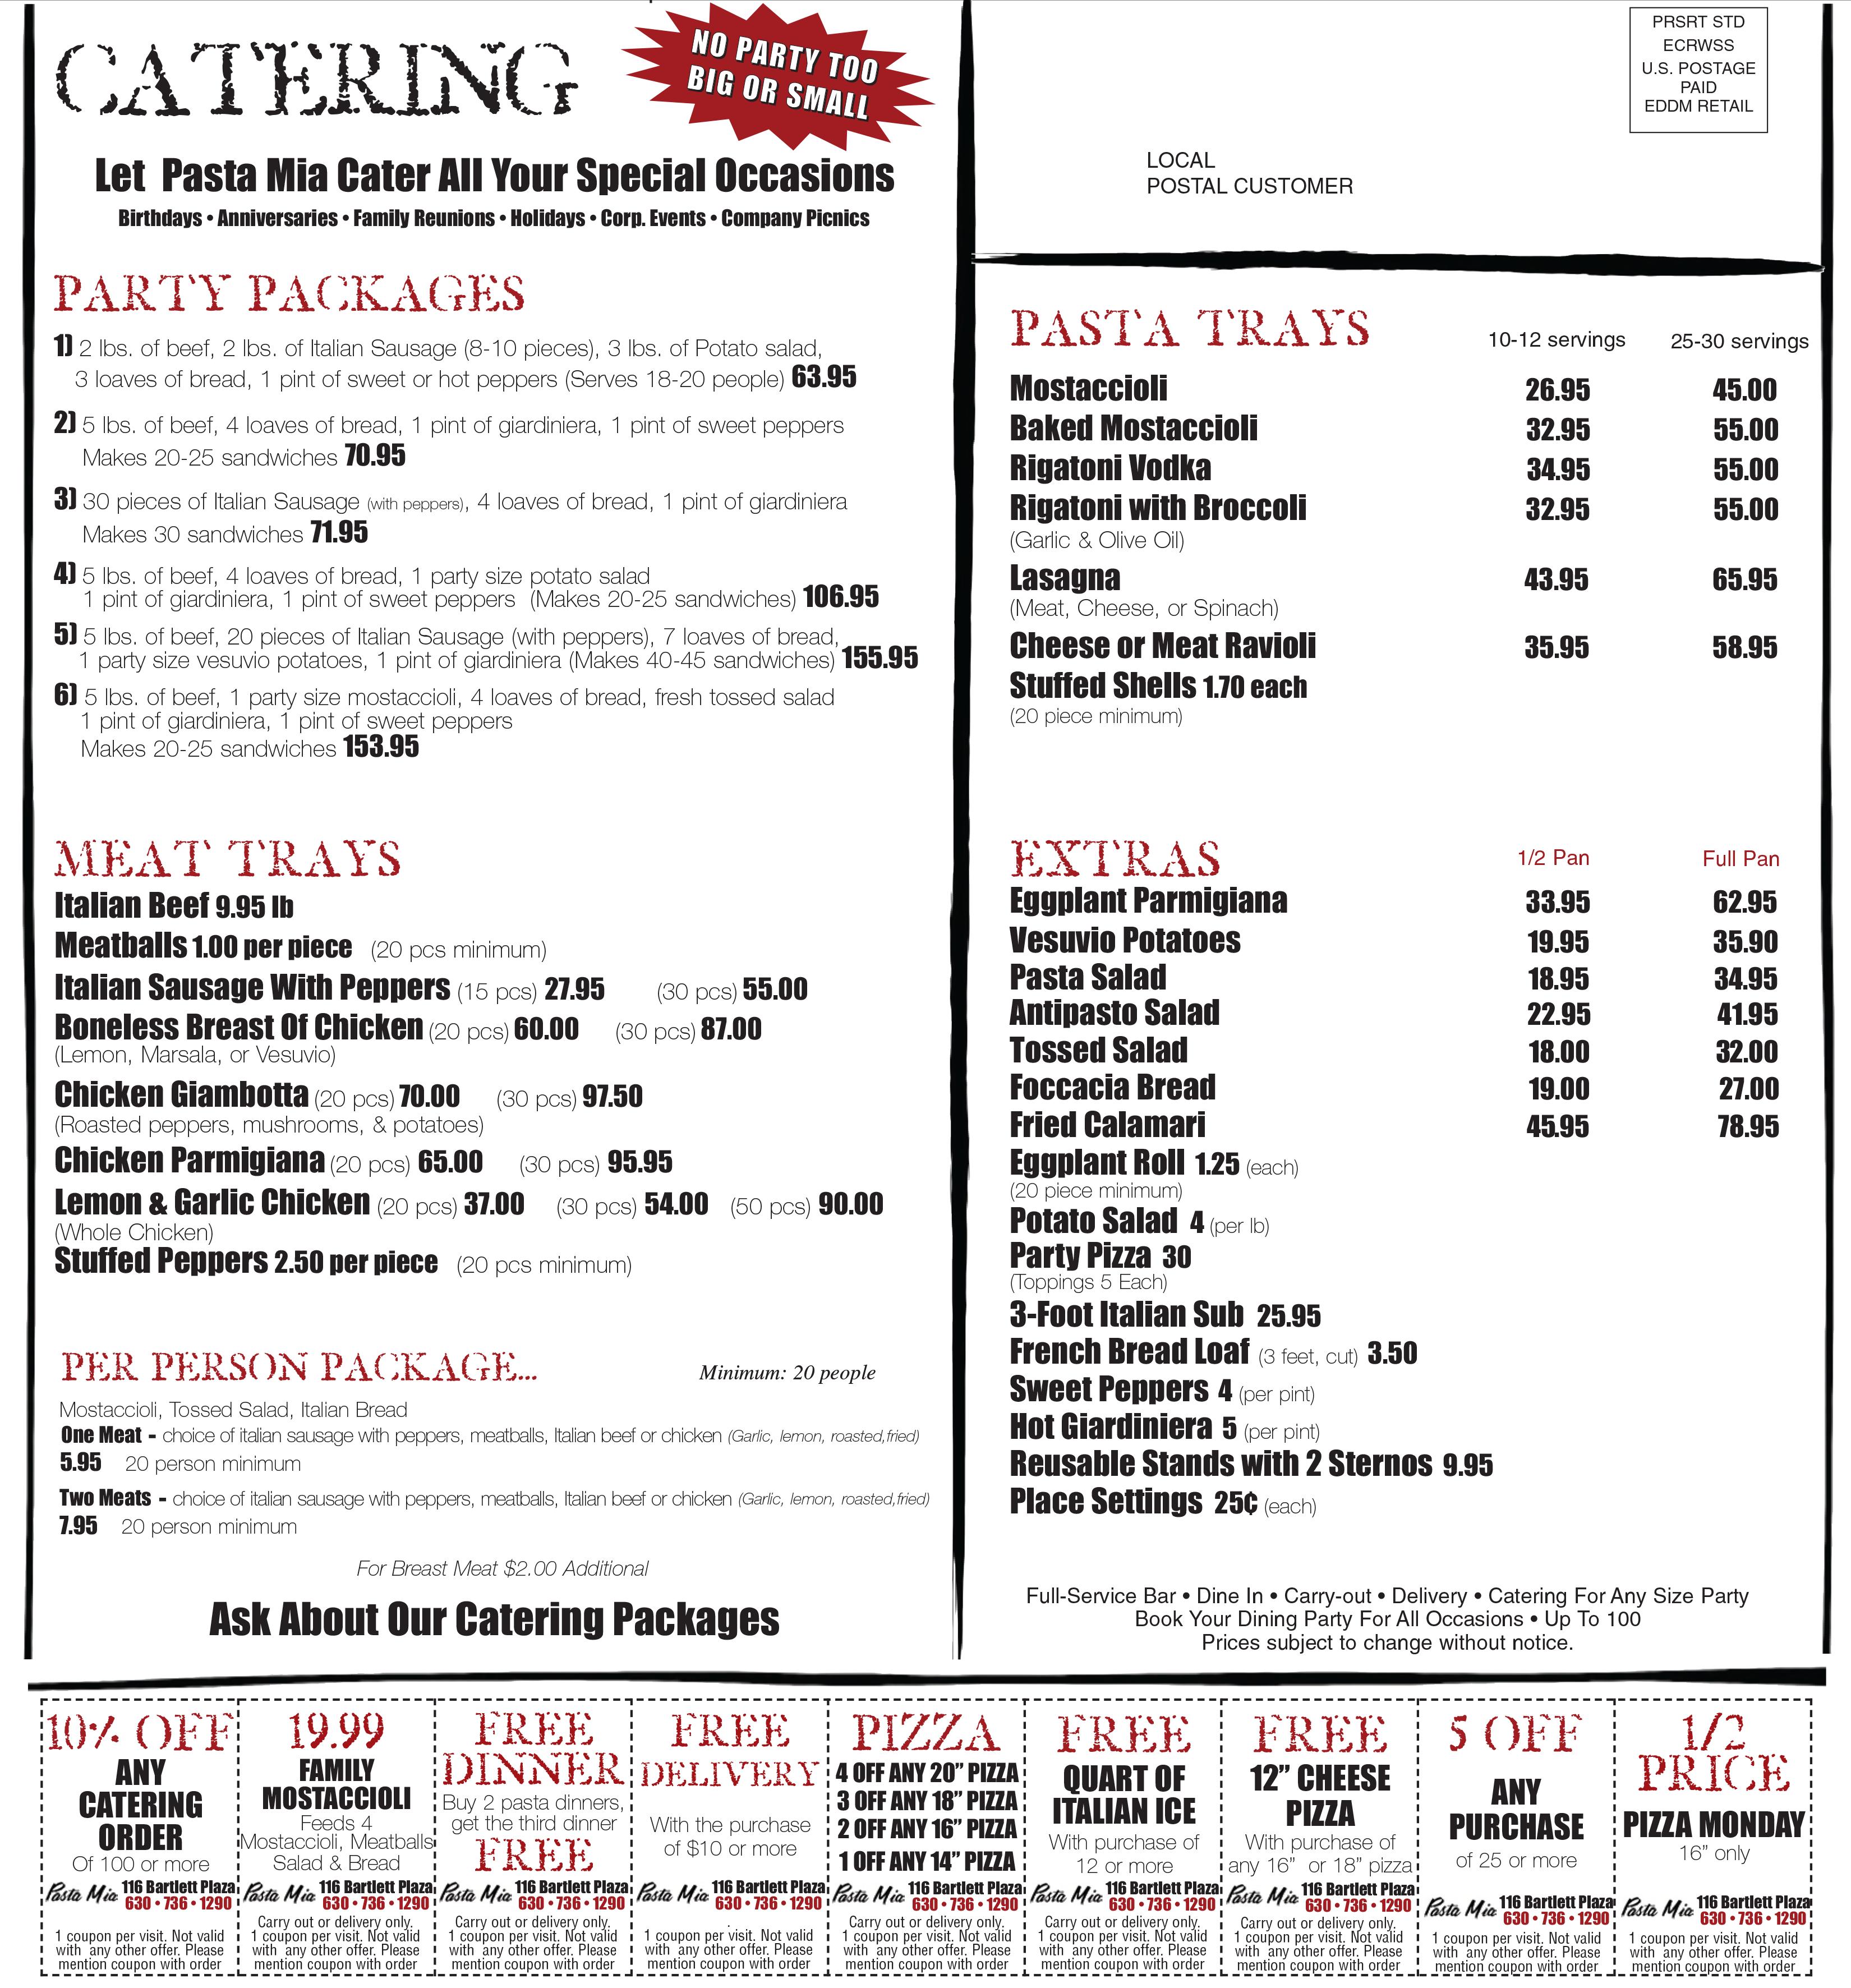 Pranzi-carryout-menu-7-28-15-1